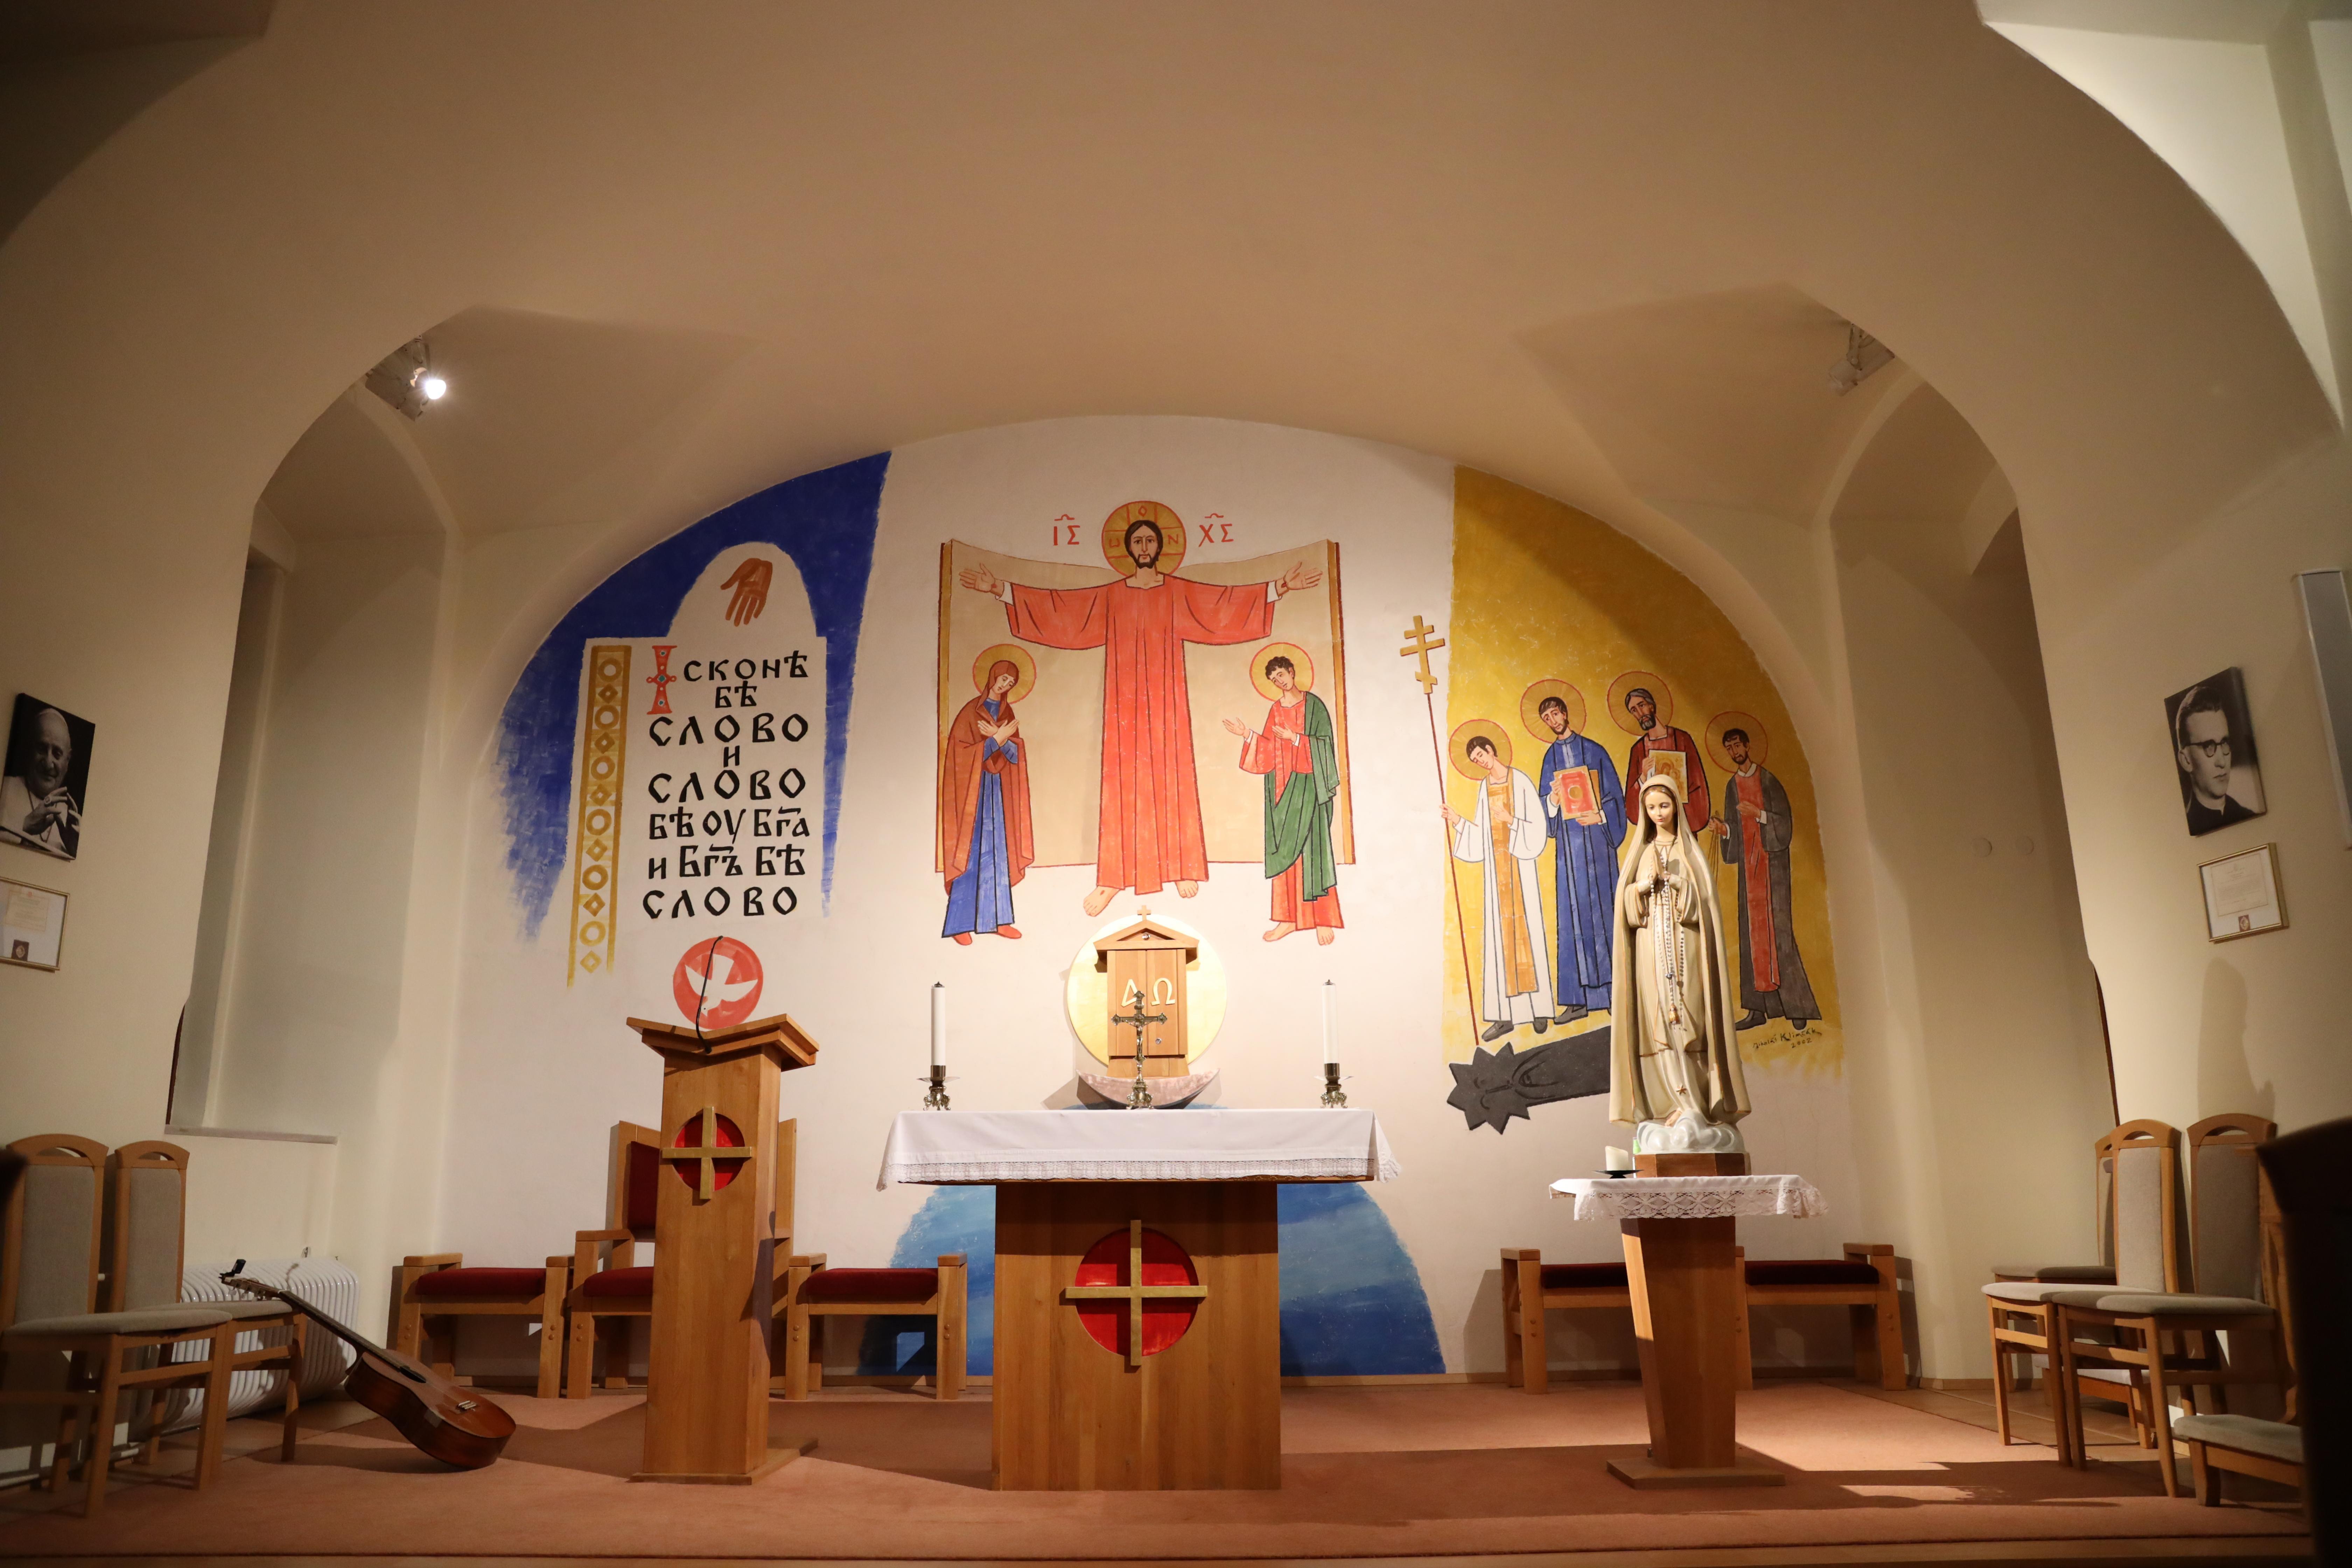 internatna kaplnka GCM nitra - primacky 2021/2022